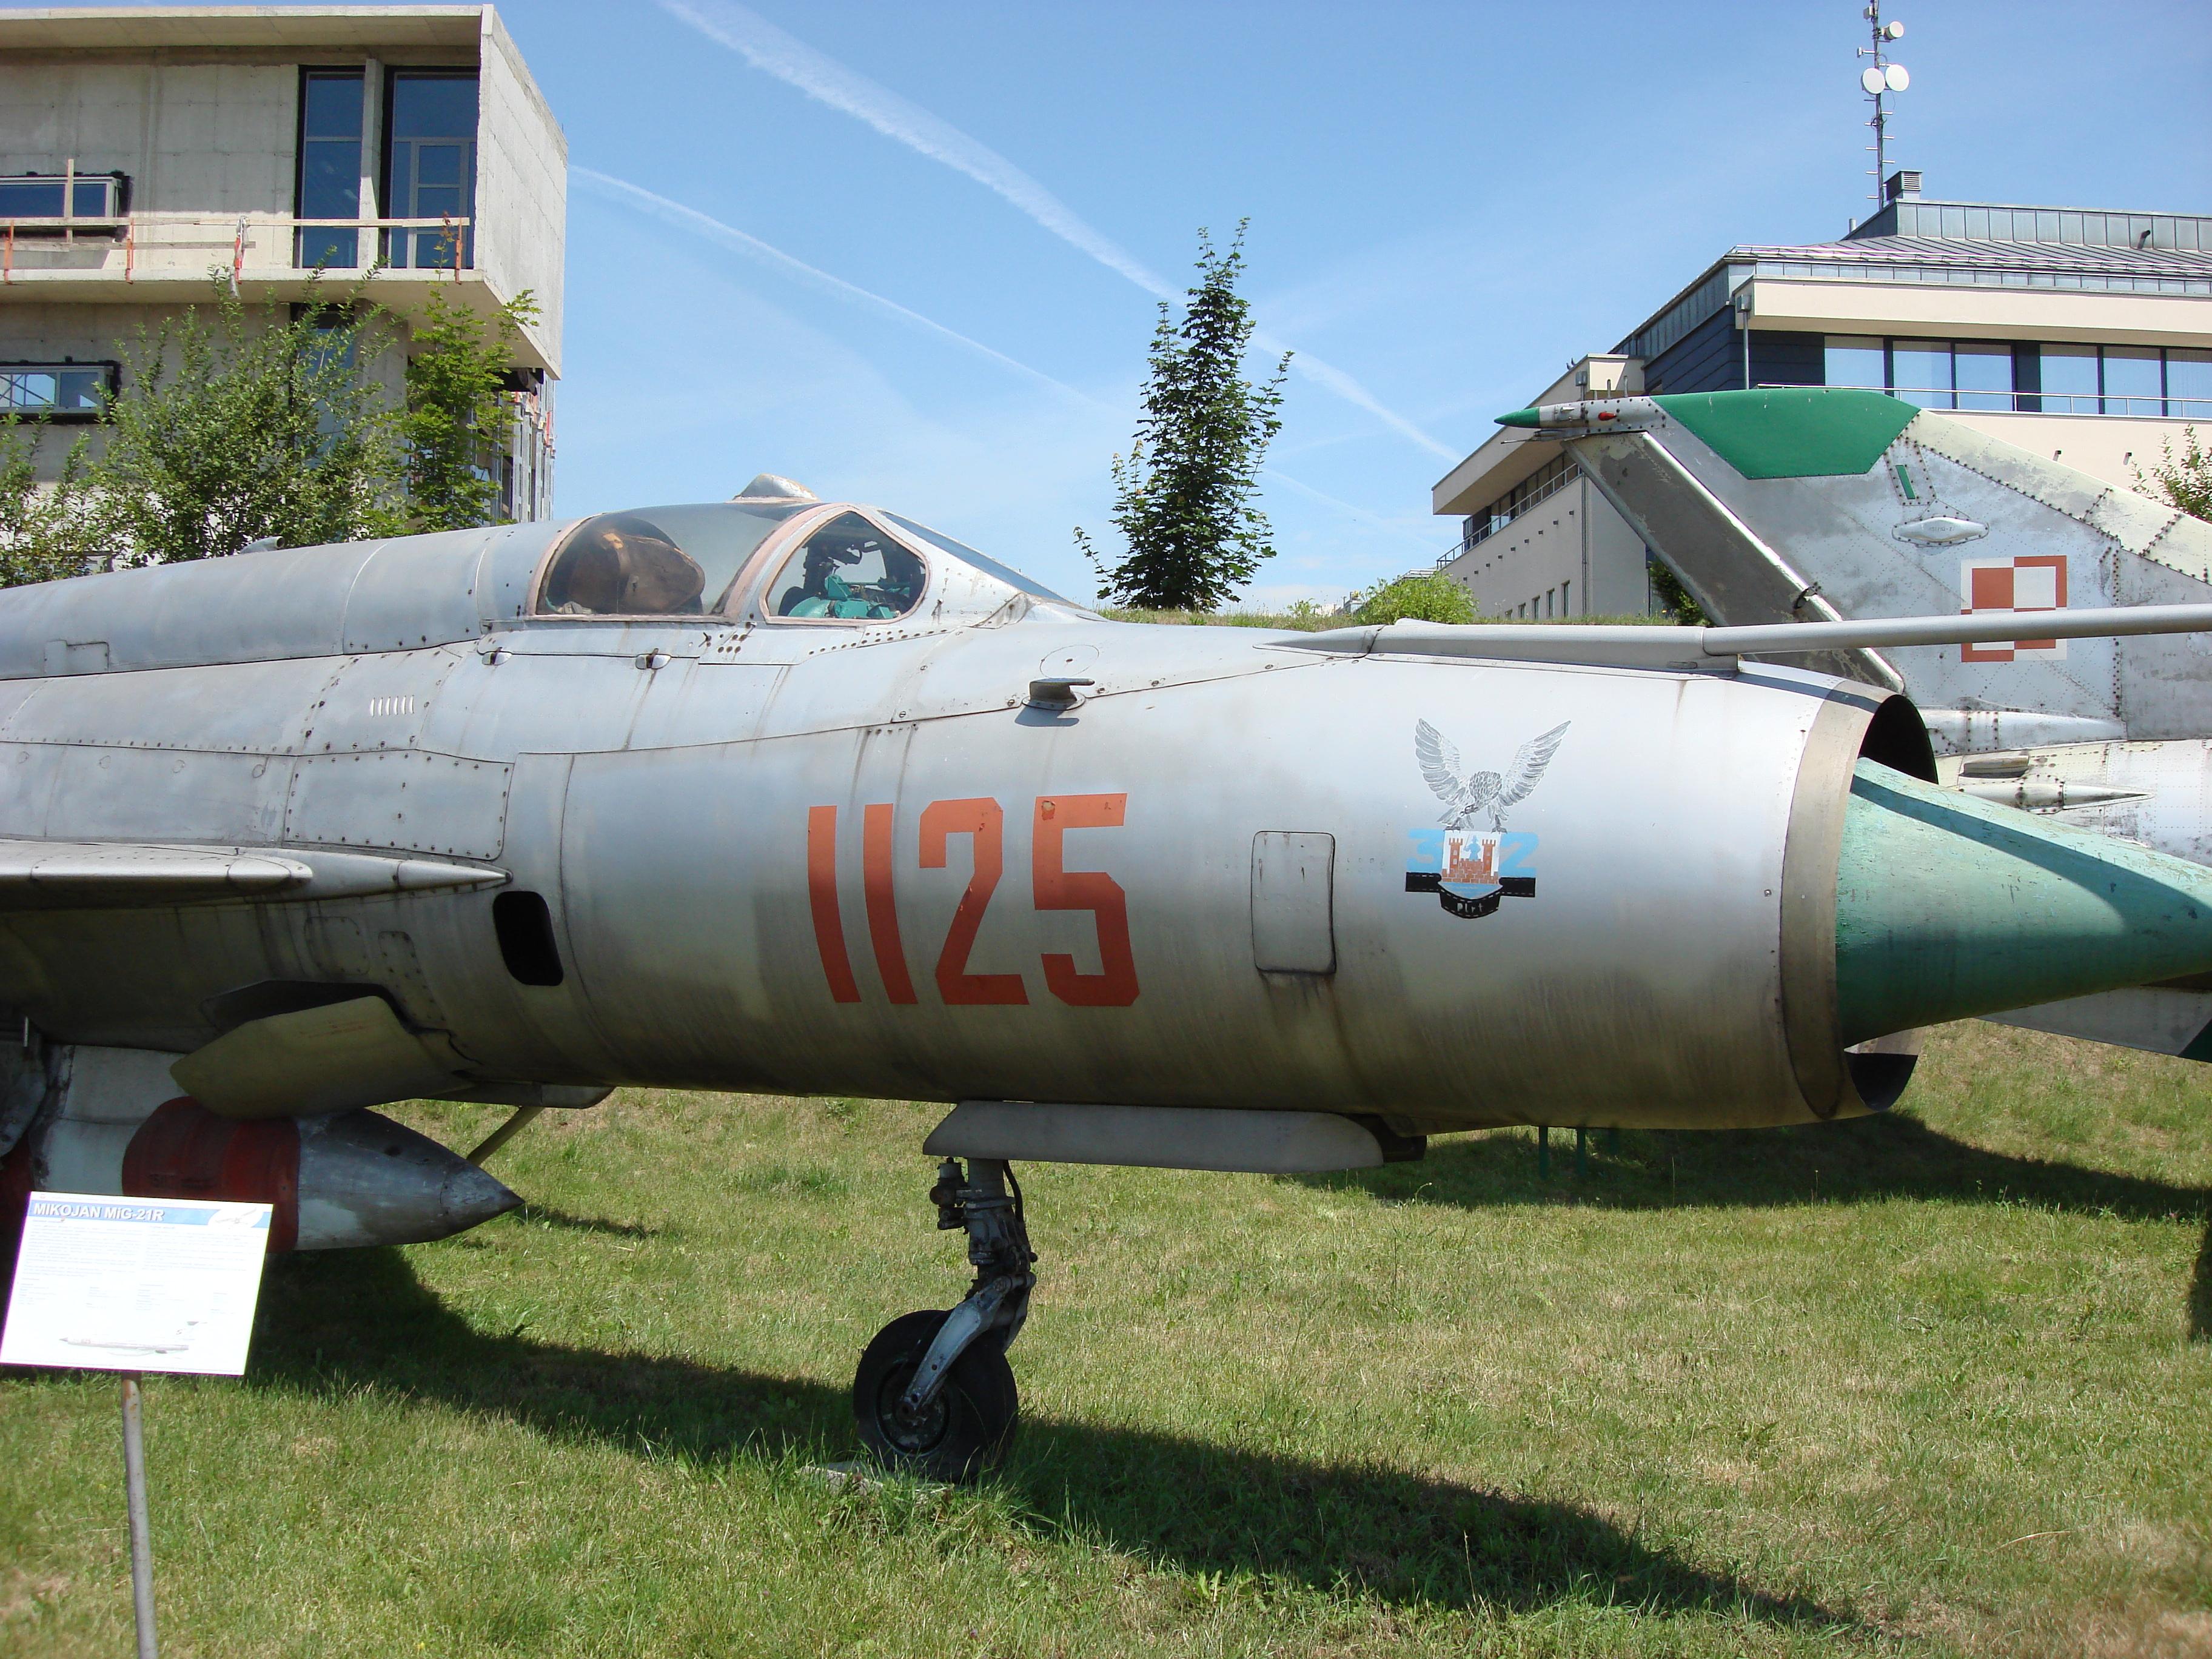 MiG-21 R nb 1125. Czyżyny 2007 rok. Zdjęcie Karol Placha Hetman